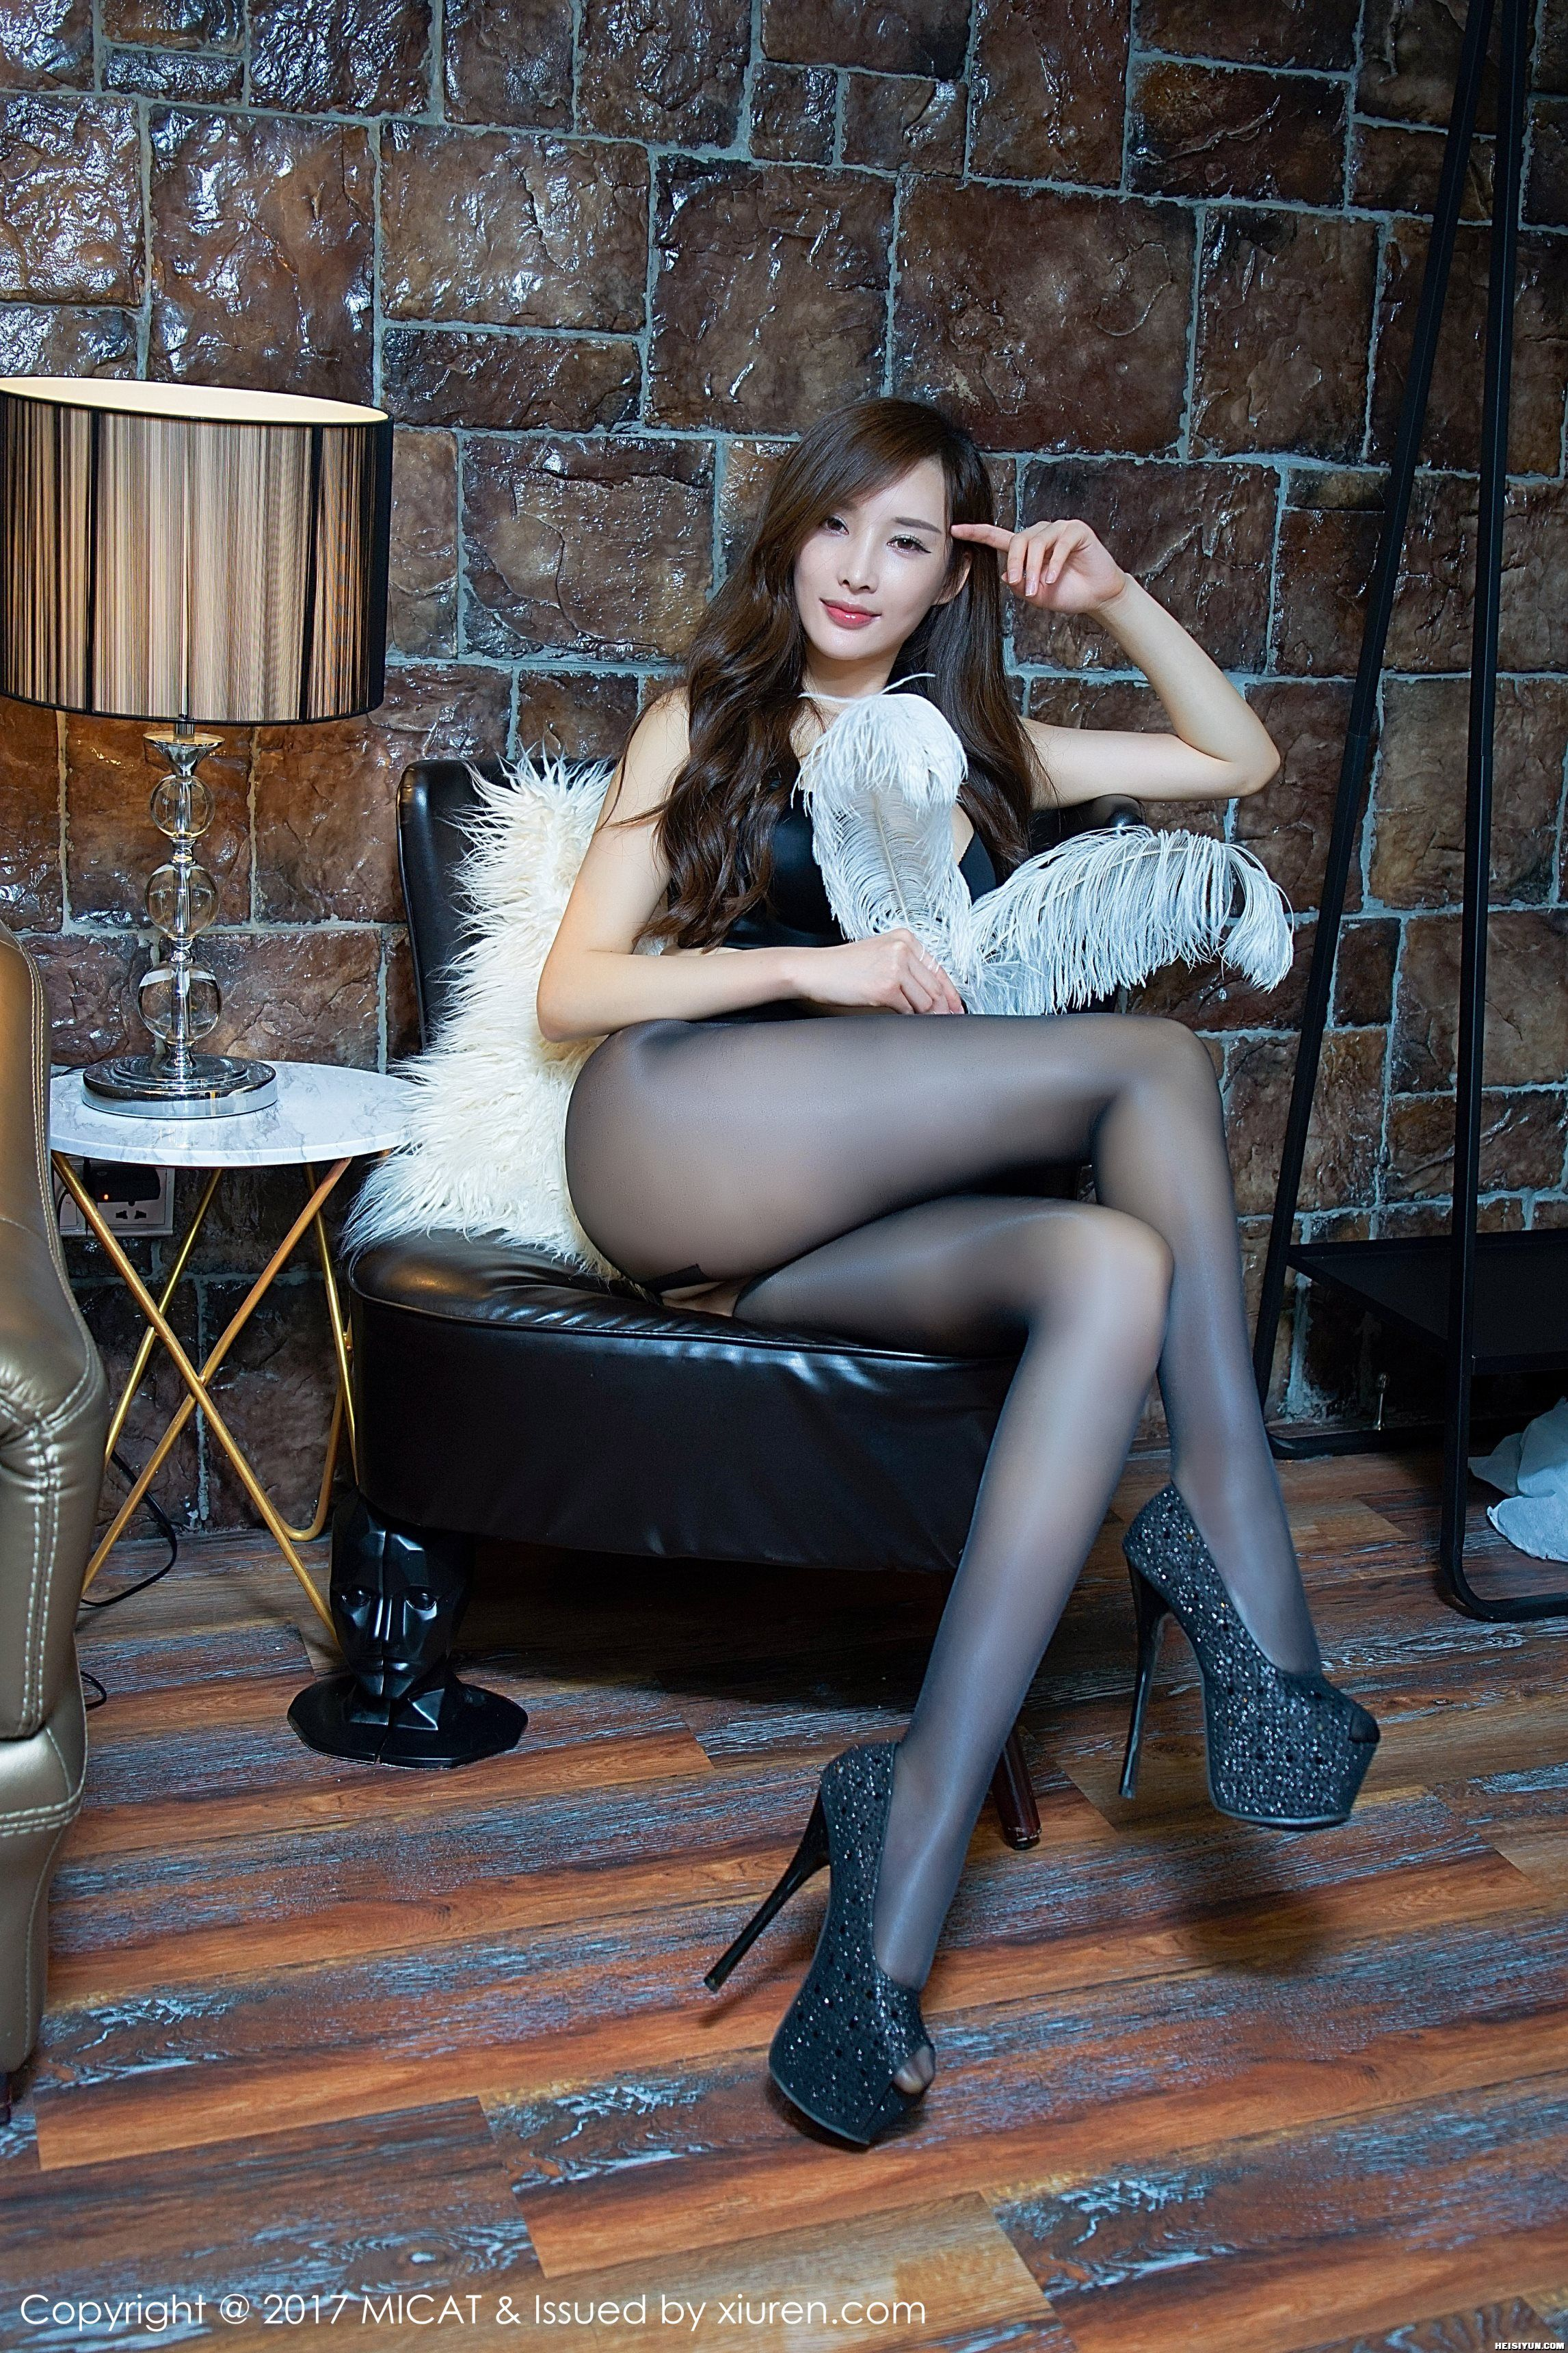 [MICAT猫萌榜] 2017.06.09 Vol.008 土肥圆矮挫穷 [45+1P ]